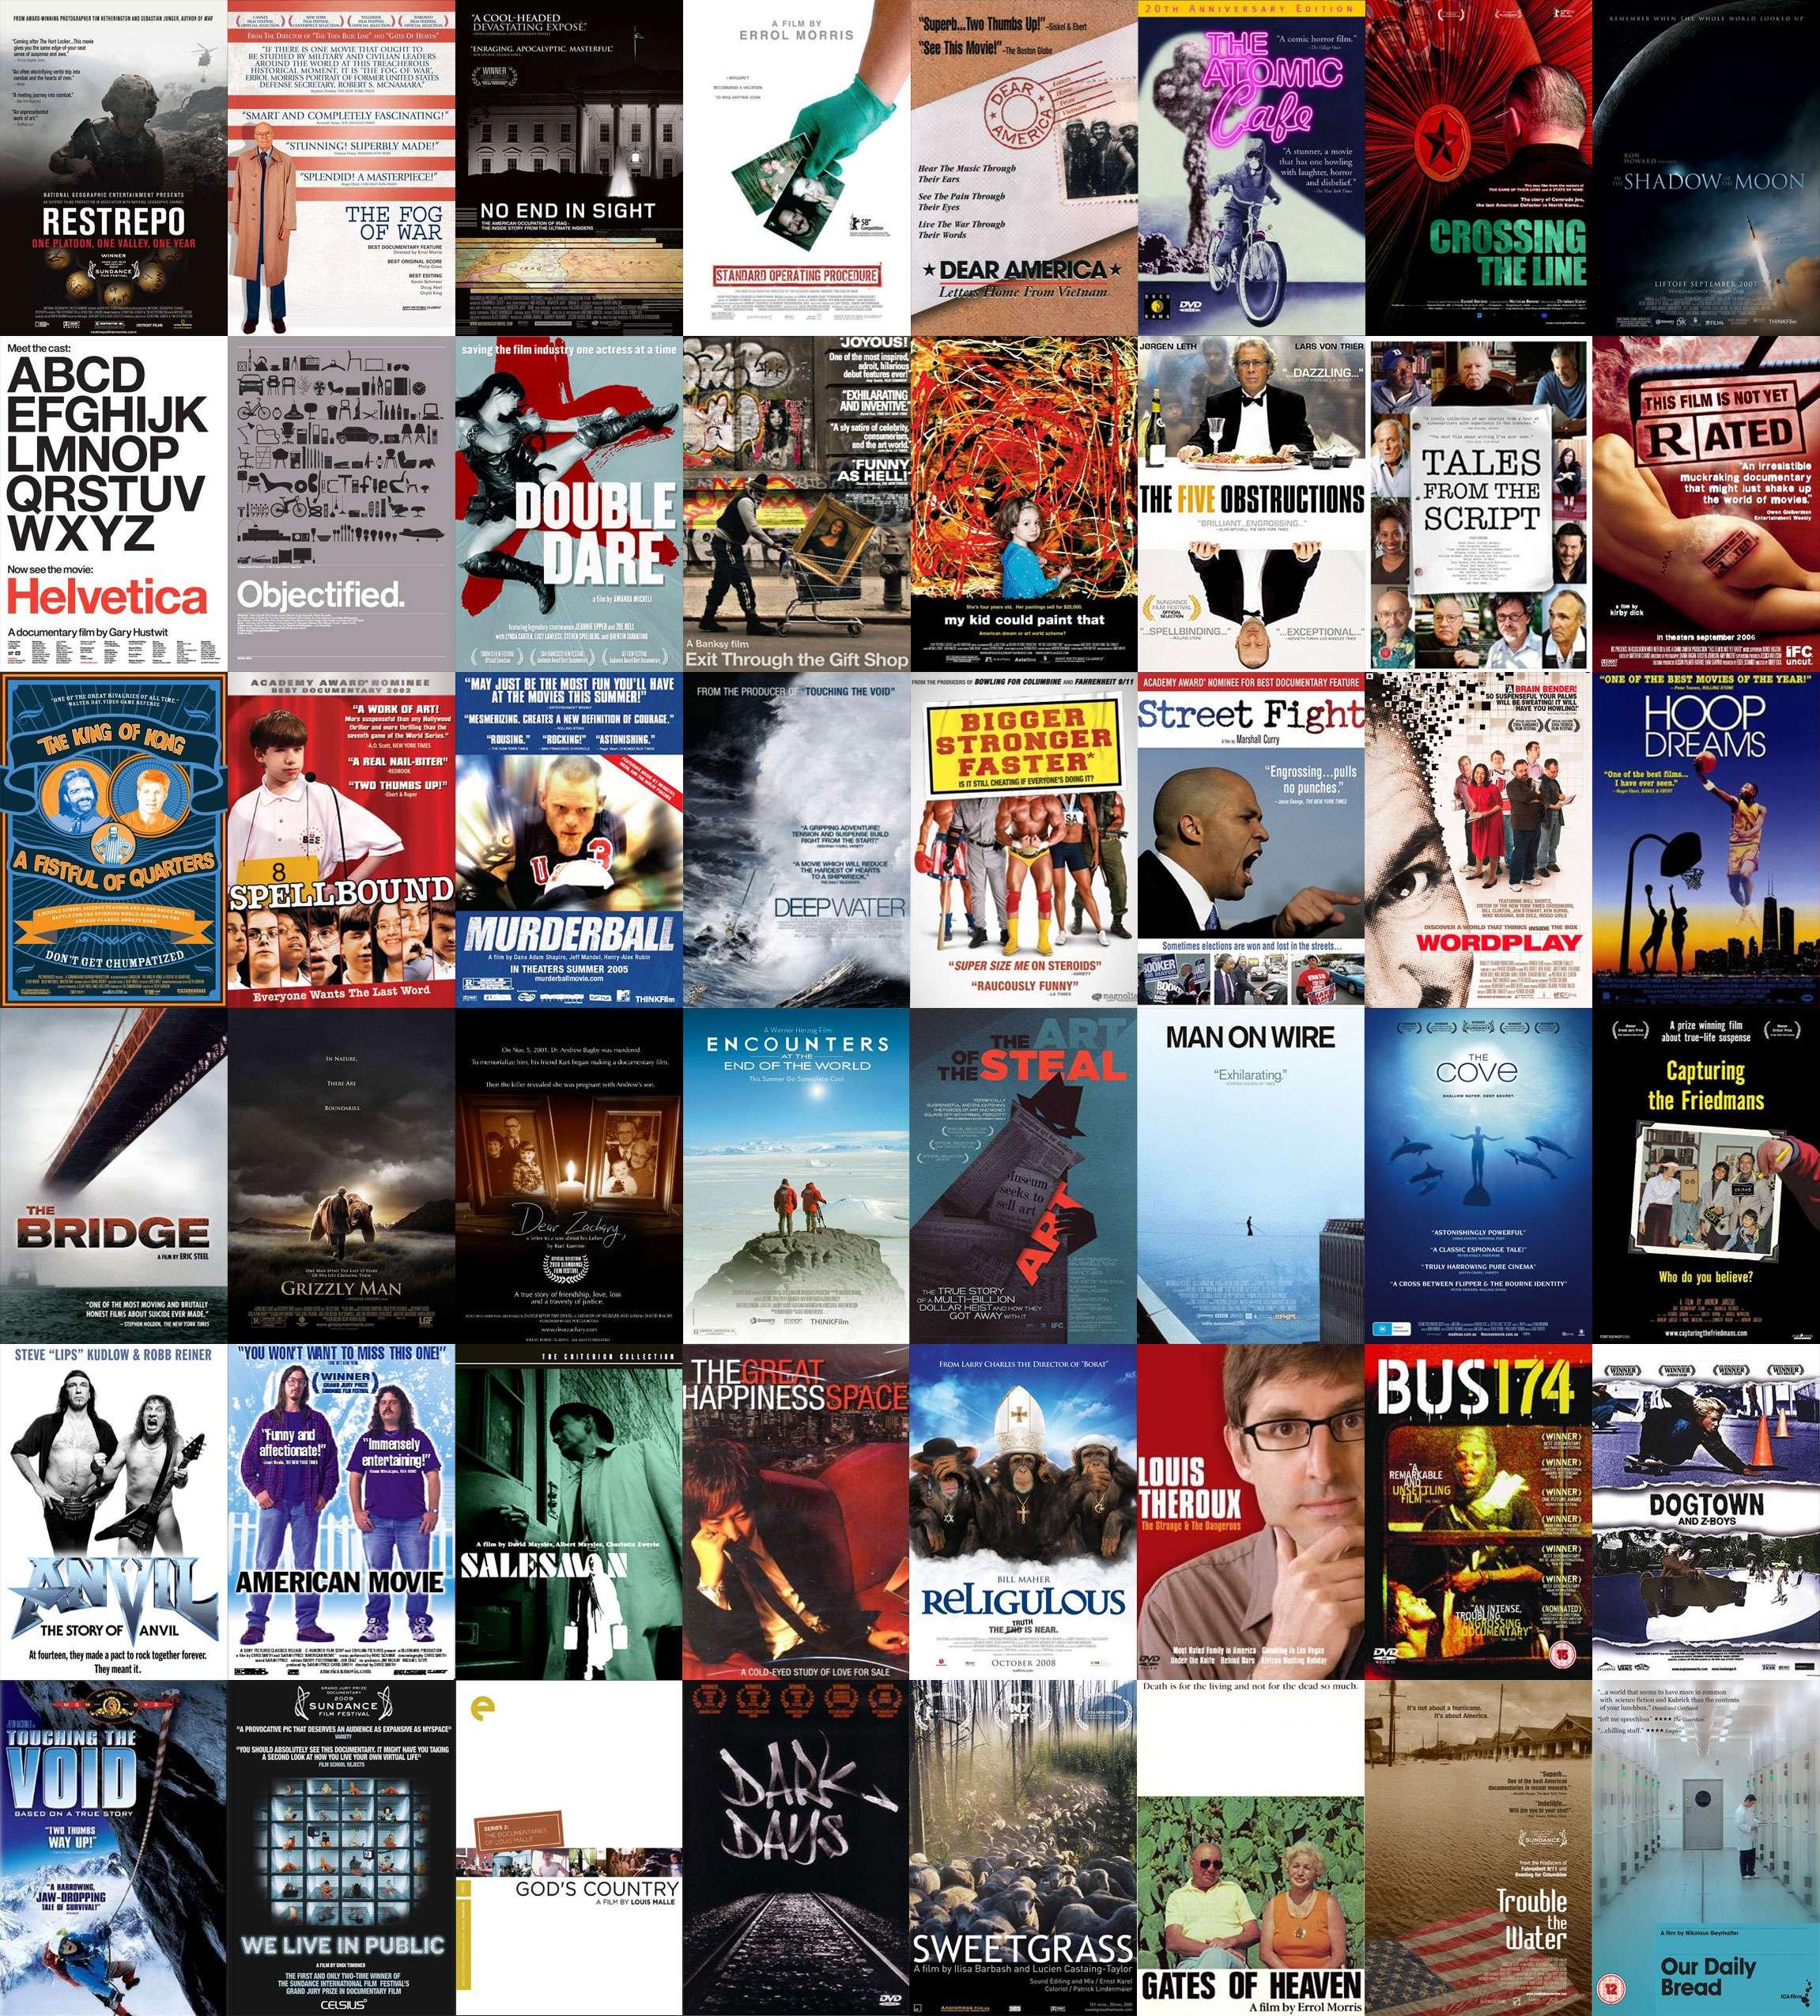 166 ντοκιμαντέρ που αξίζει να δείτε. Εδώ δωρεάν!-166 Documentaries To Expand Your Consciousness